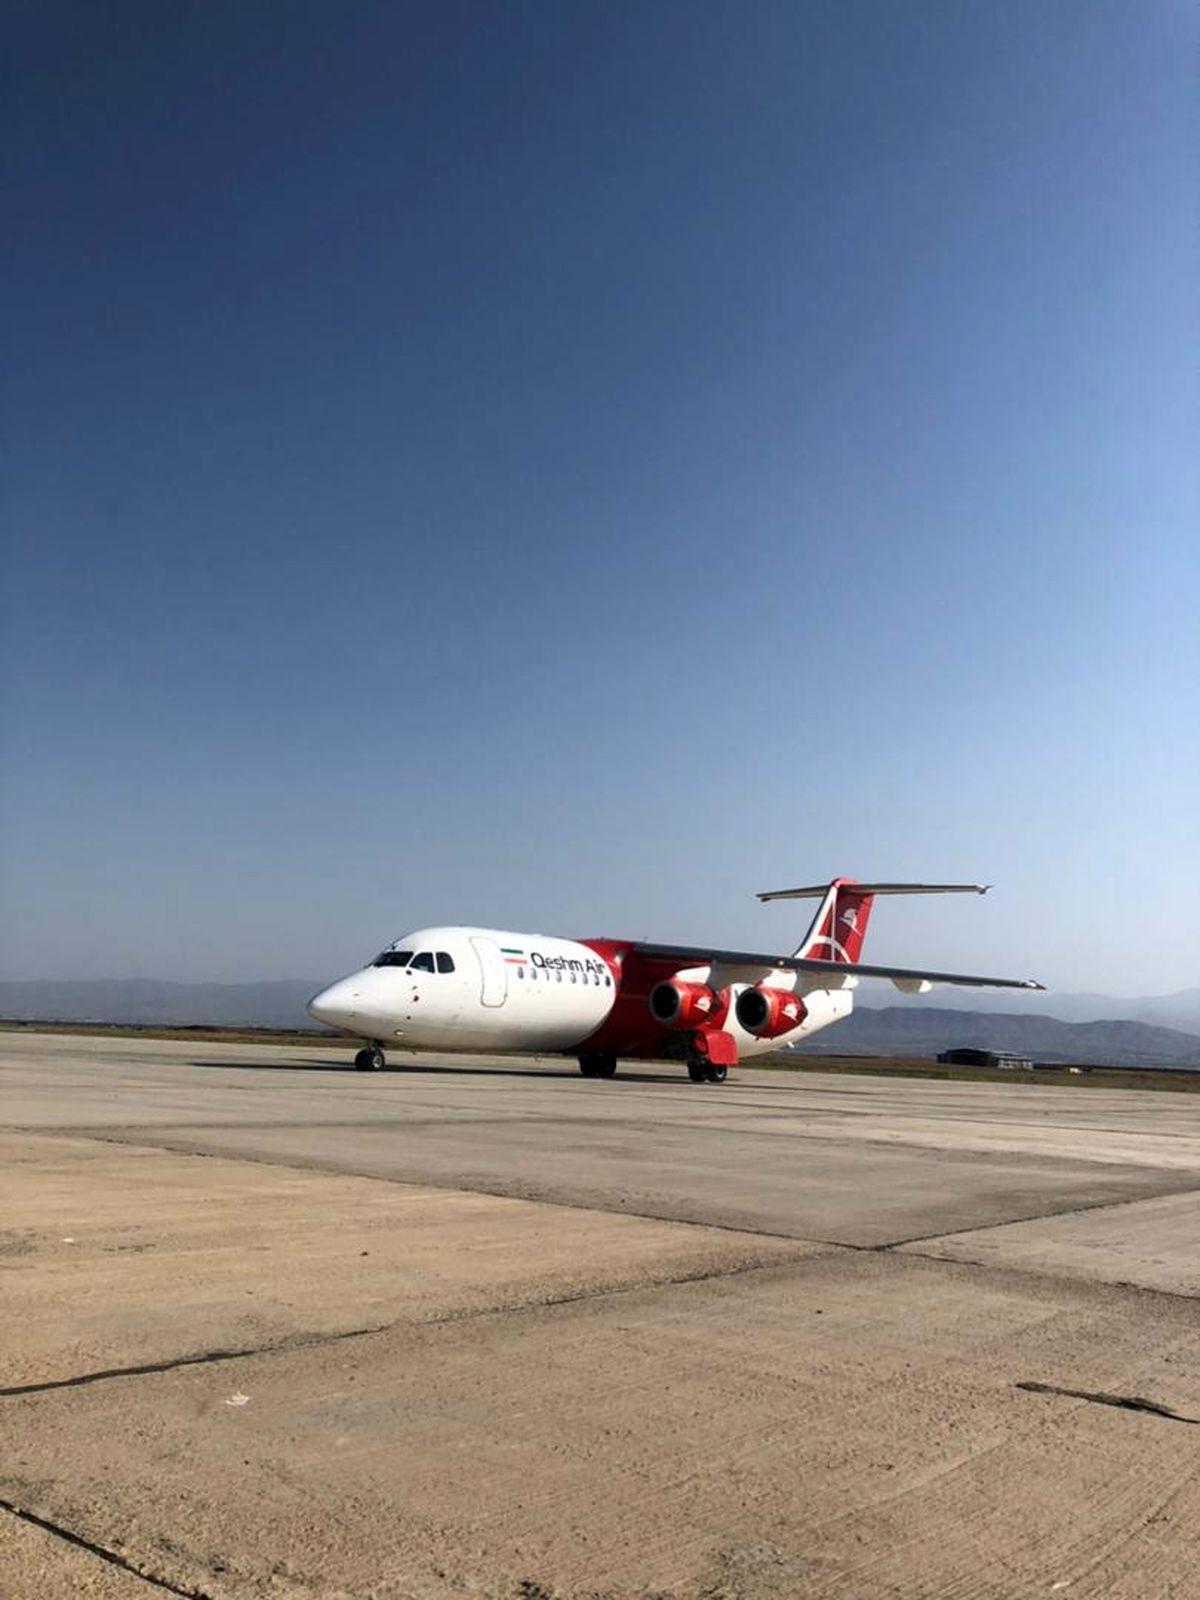 پرواز مشهد- کرج در فرودگاه پیام به زمین نشست